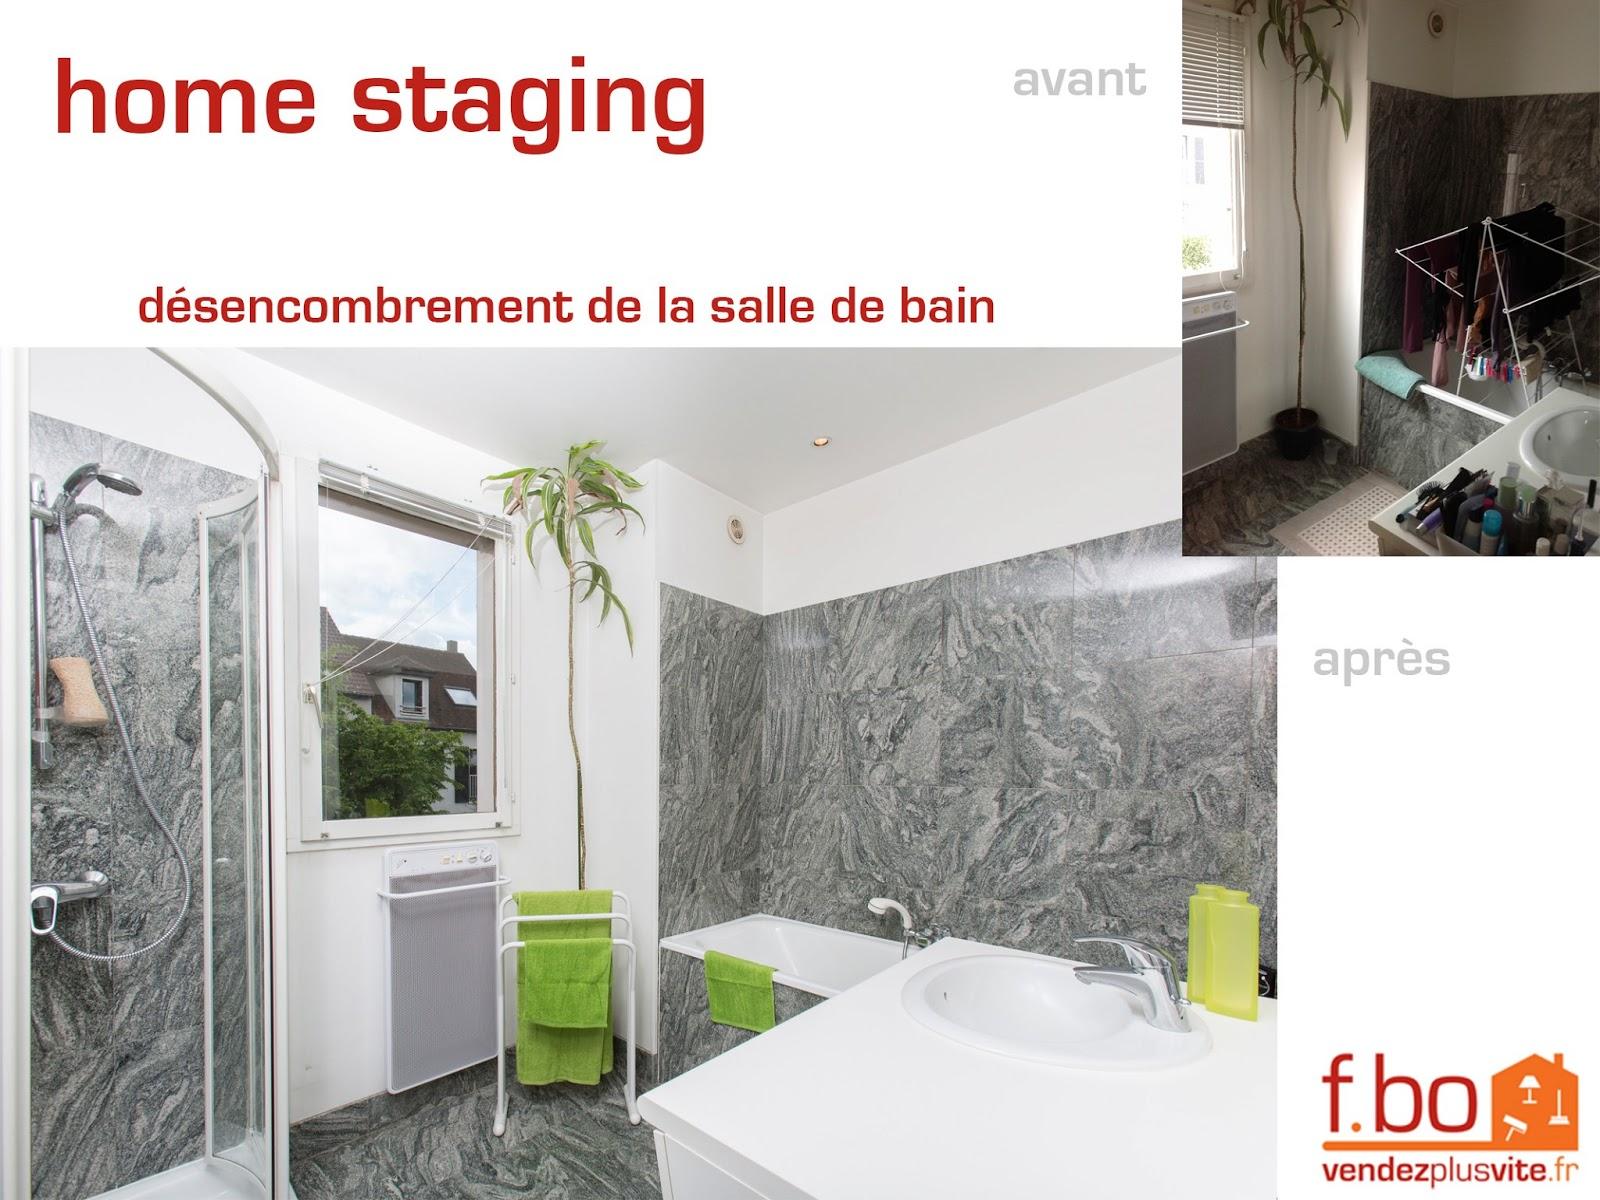 vendez plus vite votre bien ma derni re r alisation en images une maison pr te pour la vente. Black Bedroom Furniture Sets. Home Design Ideas